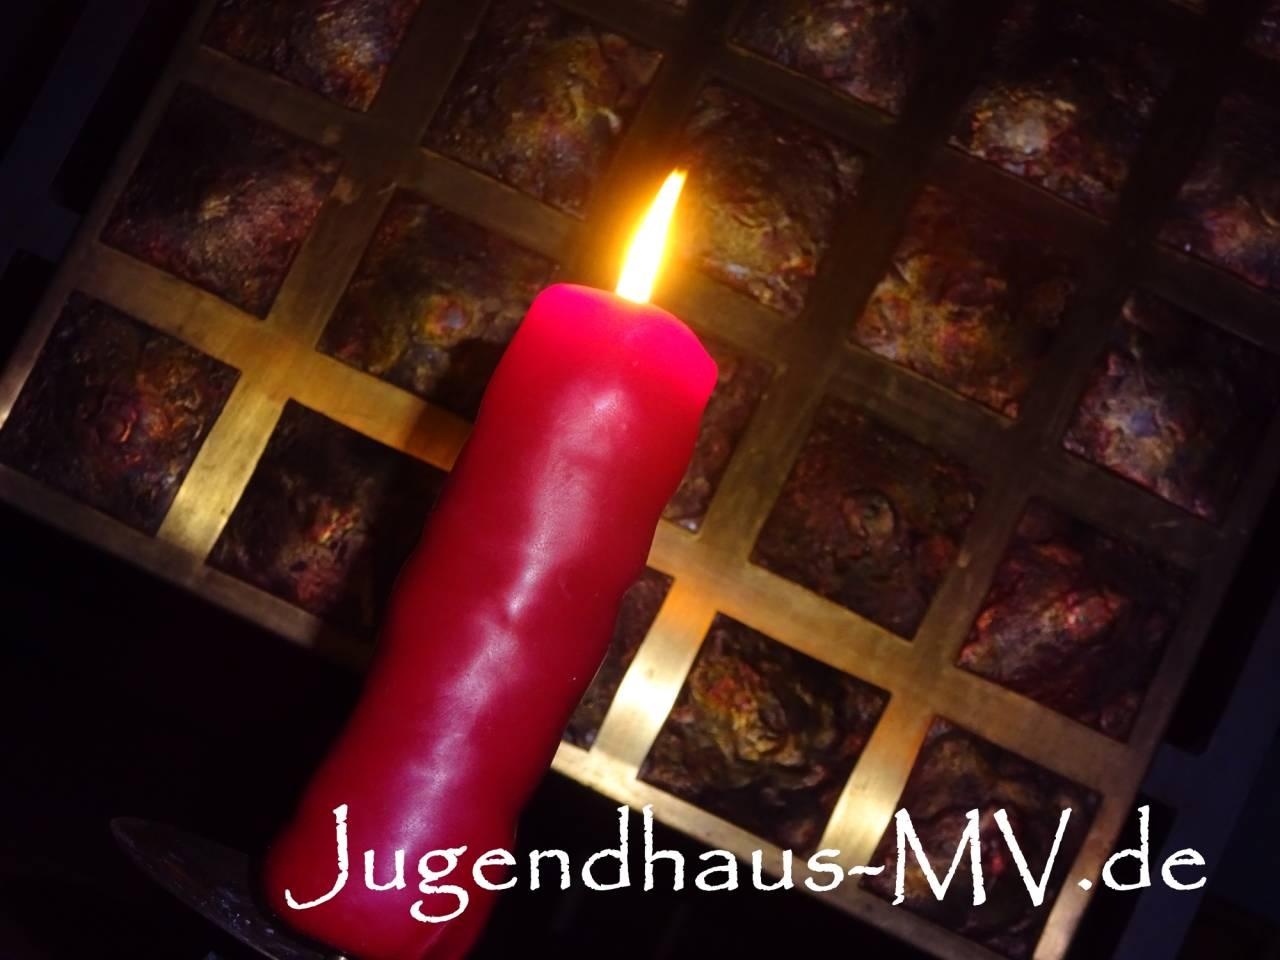 Eine brennende neue Recycling-Kerze - hergestellt aus Kerzenresten & Altwachs beim Wachsrecycling